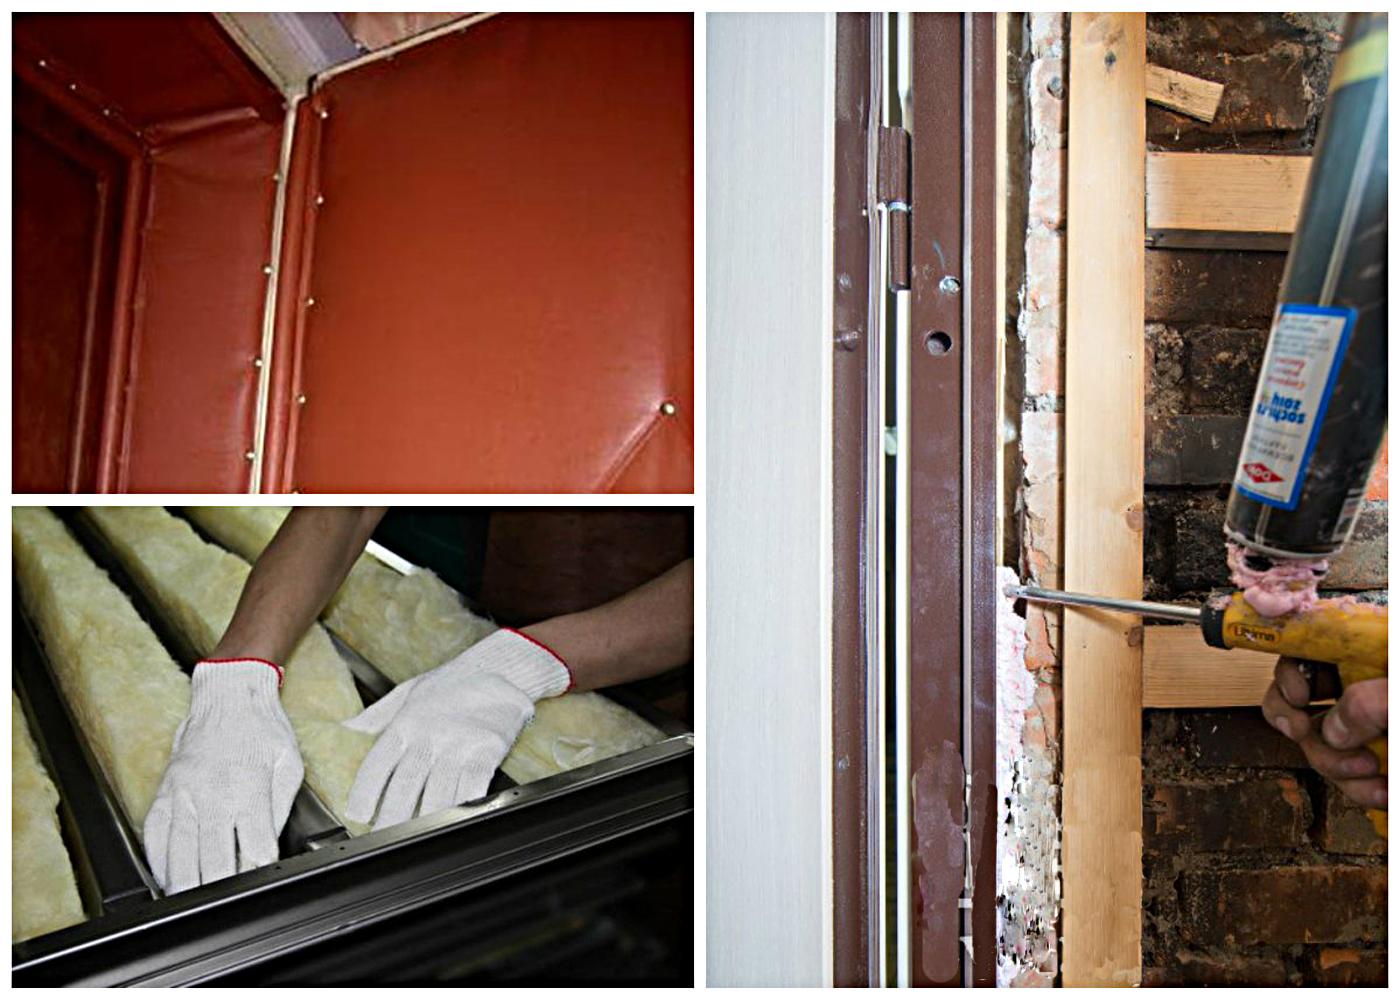 Как утепляют входную металлическую дверь и коробку. утеплённая закрытая коробка или открытая на входной двери?